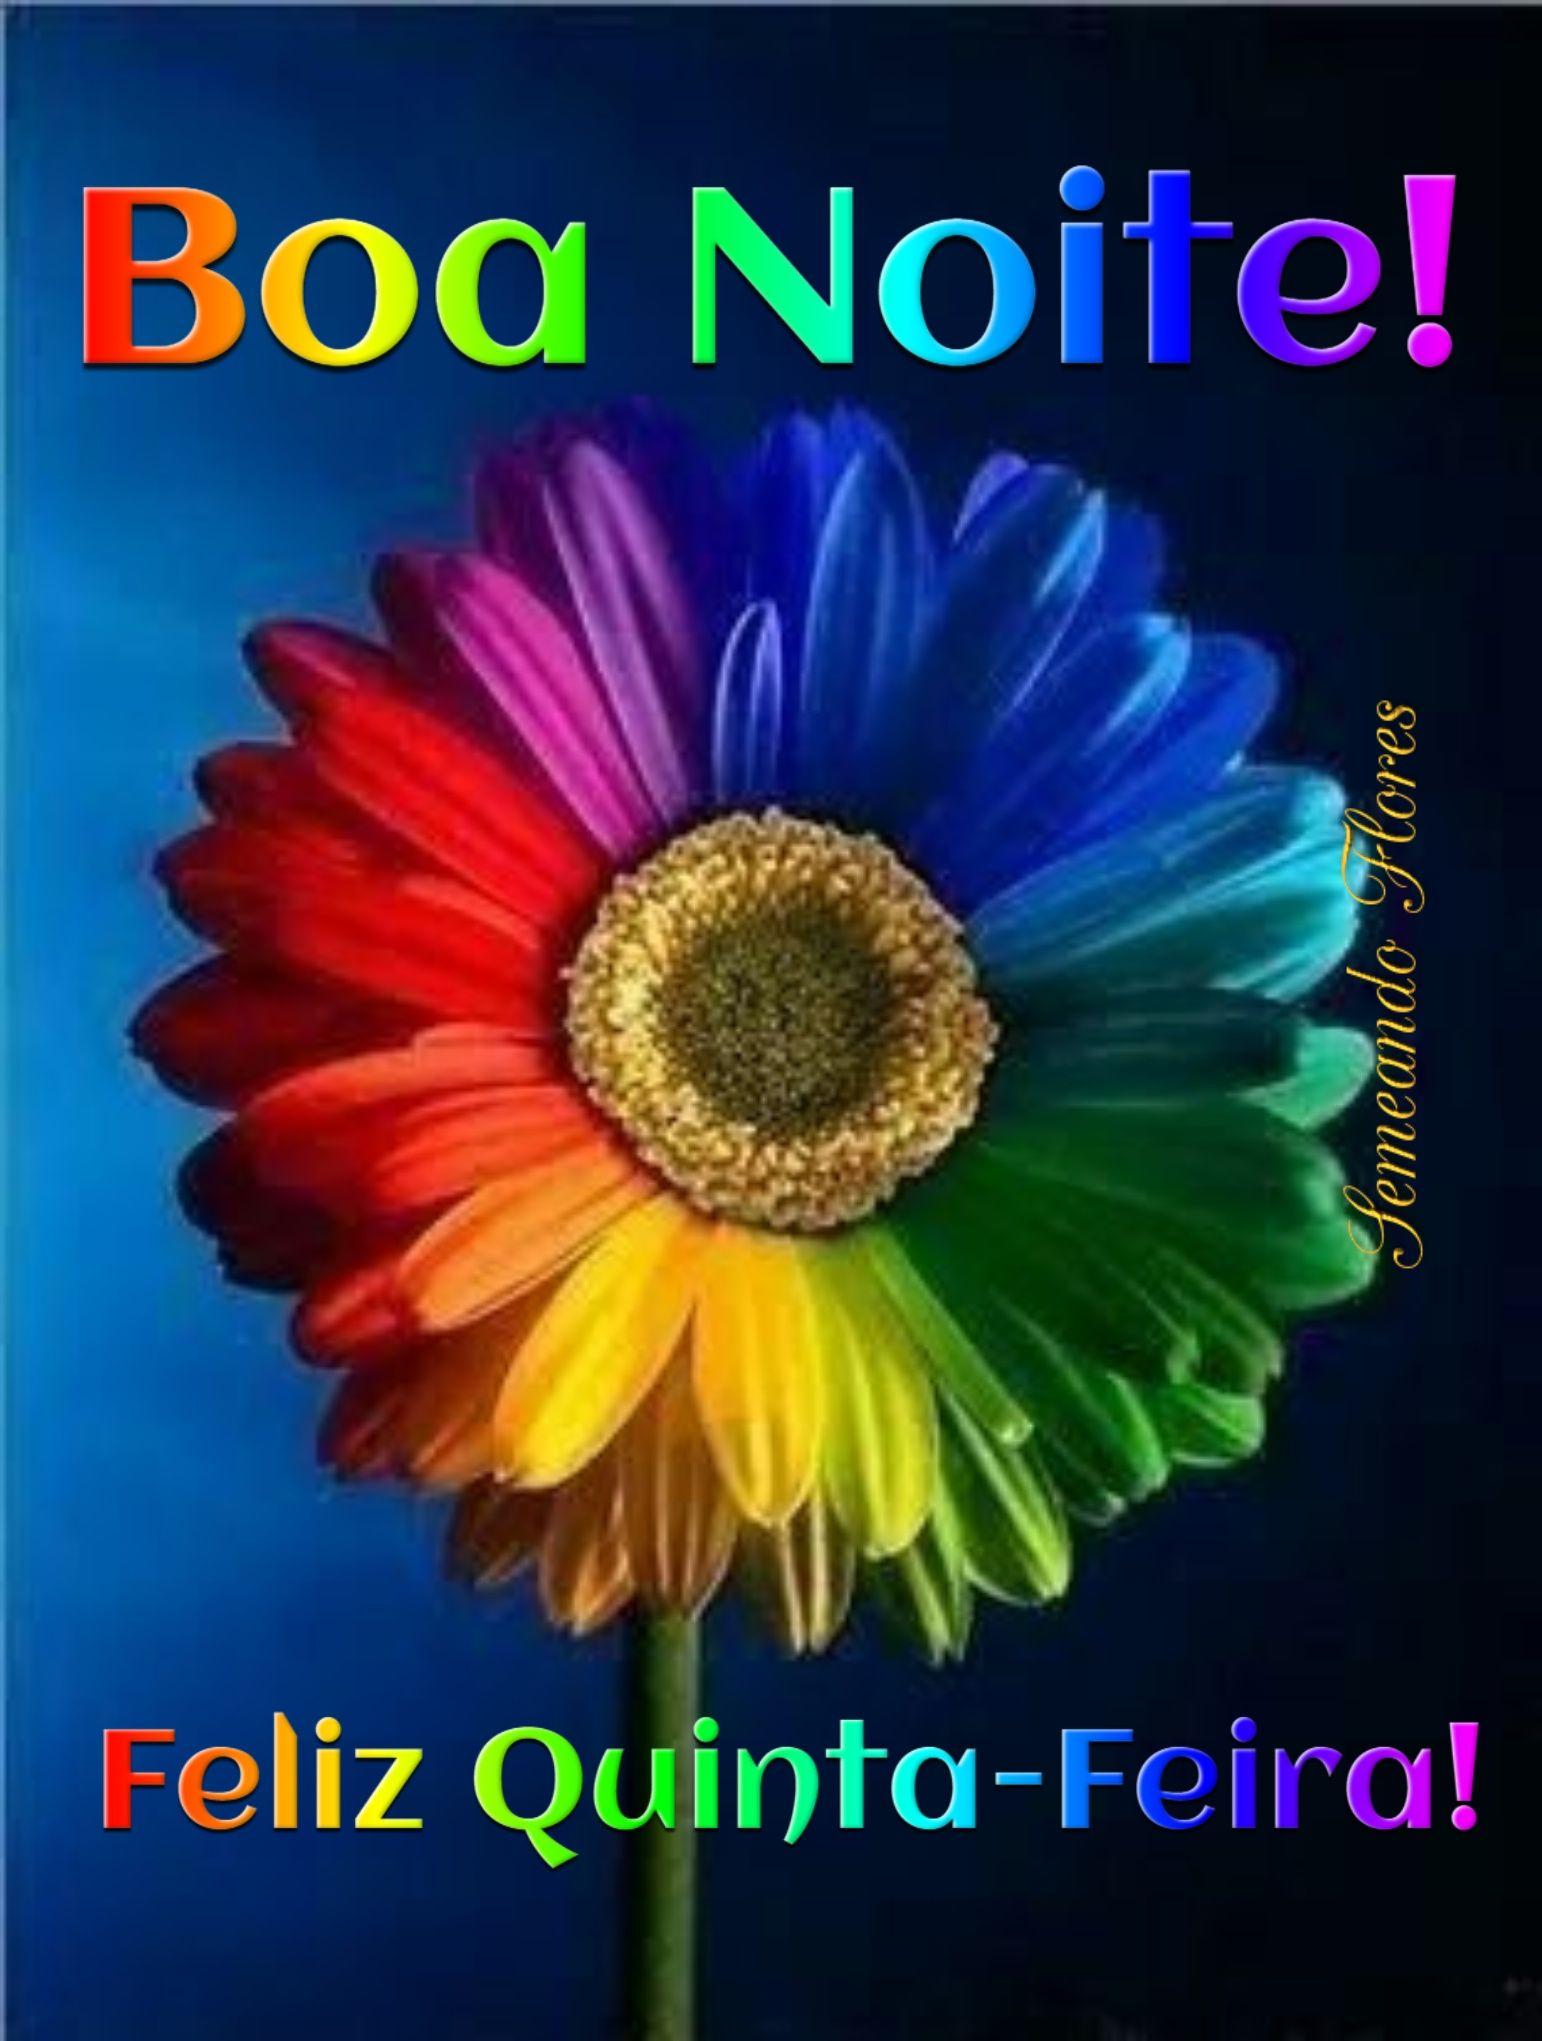 Pin De Cidinha Nobrega Em Flores Com Mensagens Feliz Quinta